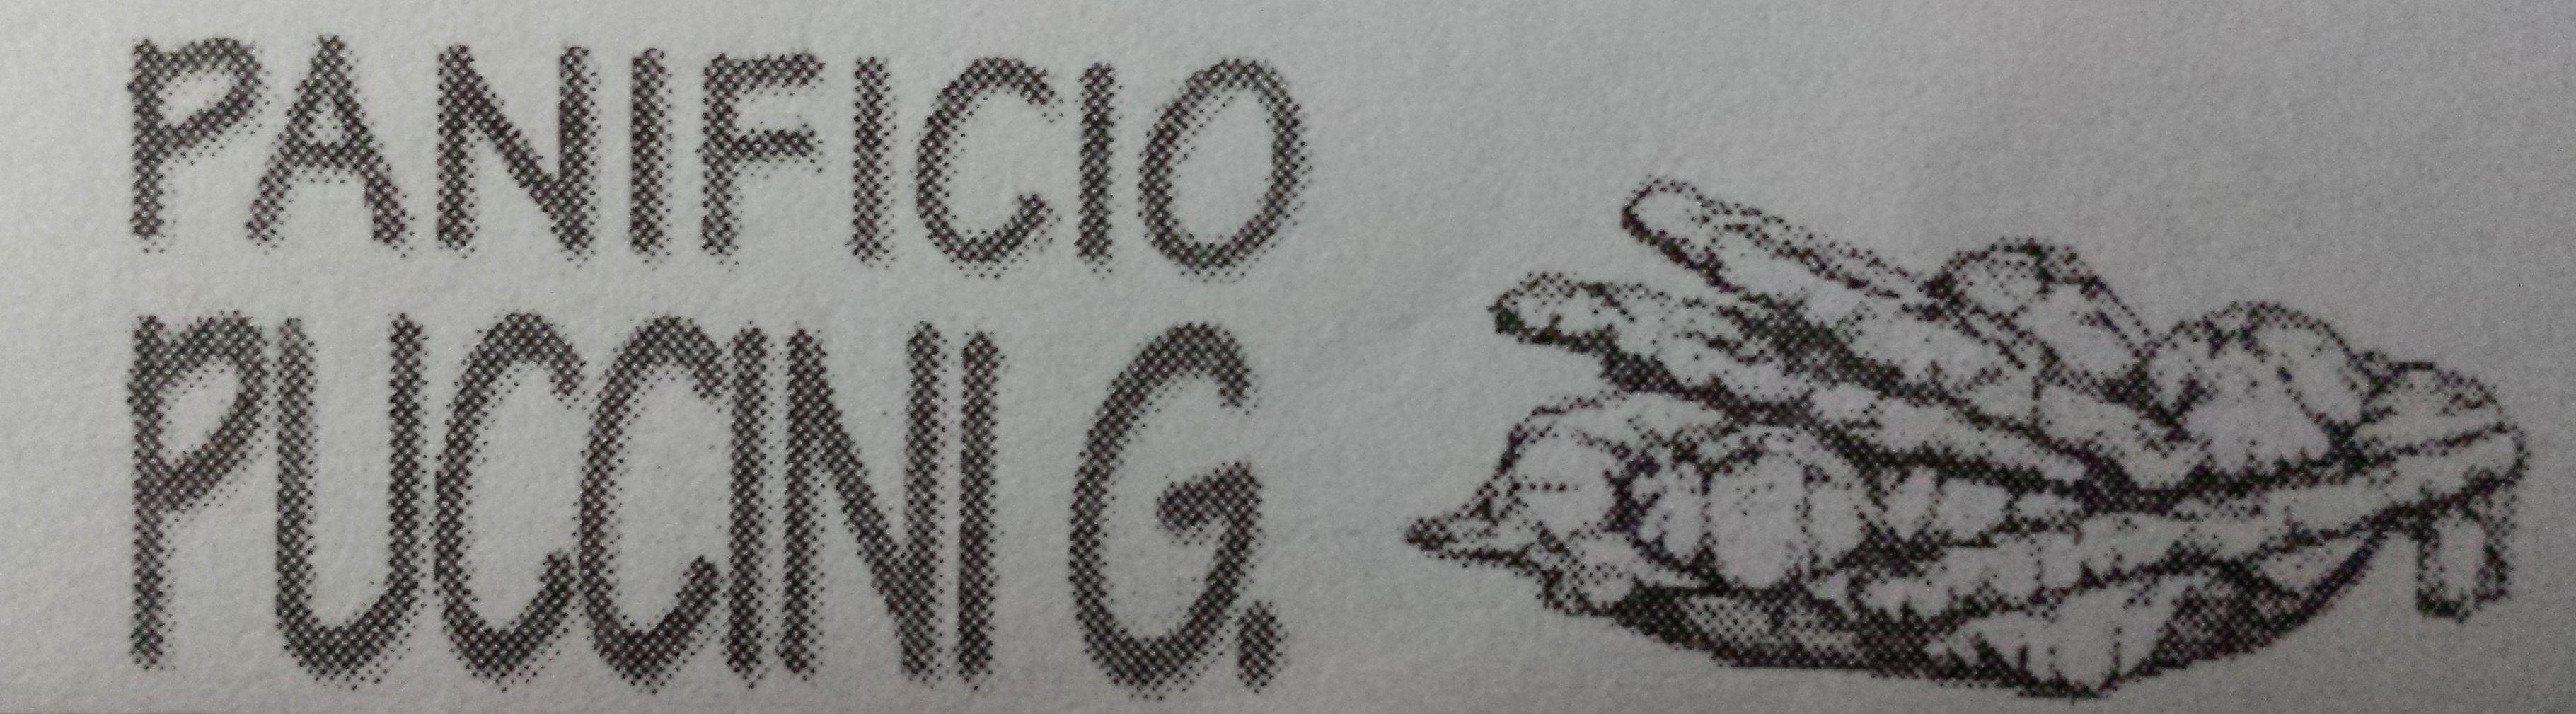 Panificio Puccini G.